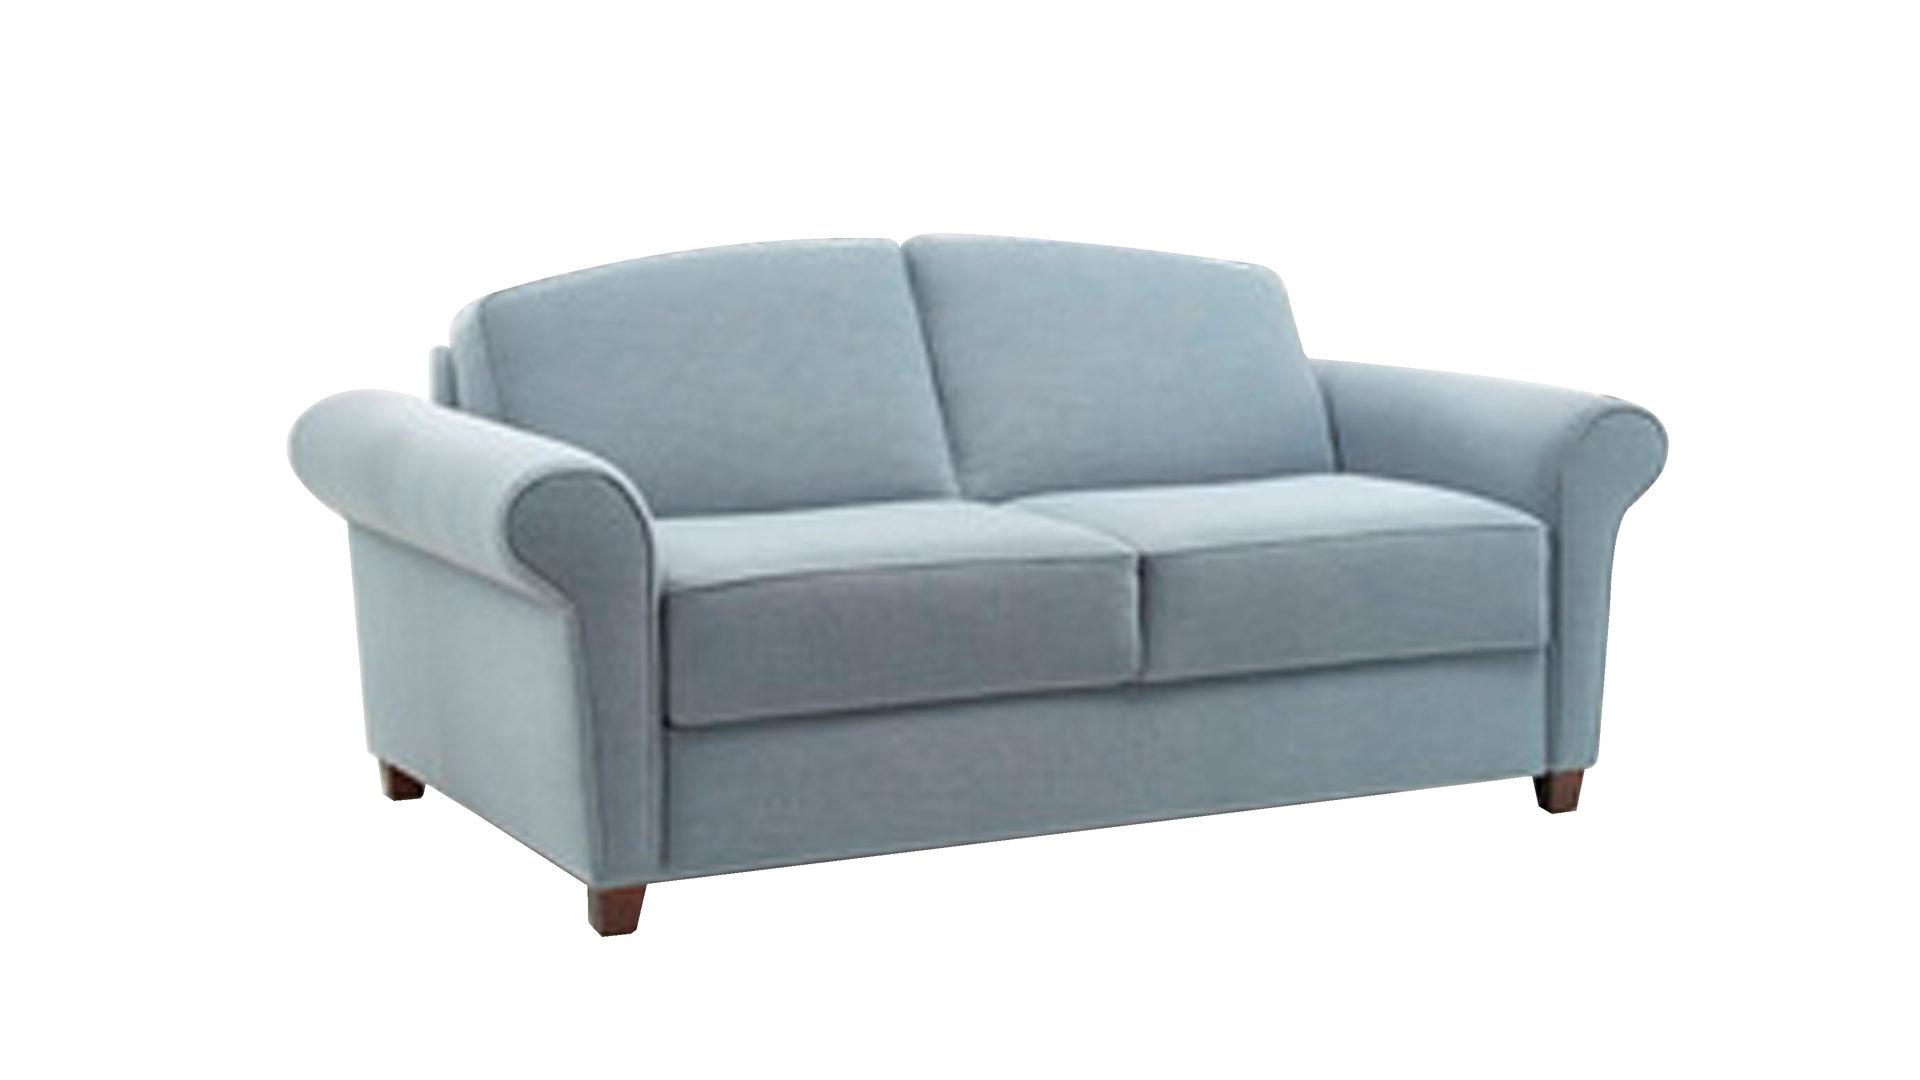 Hertel Möbel Gesees | Räume | Wohnzimmer | Sofas + Couches ...